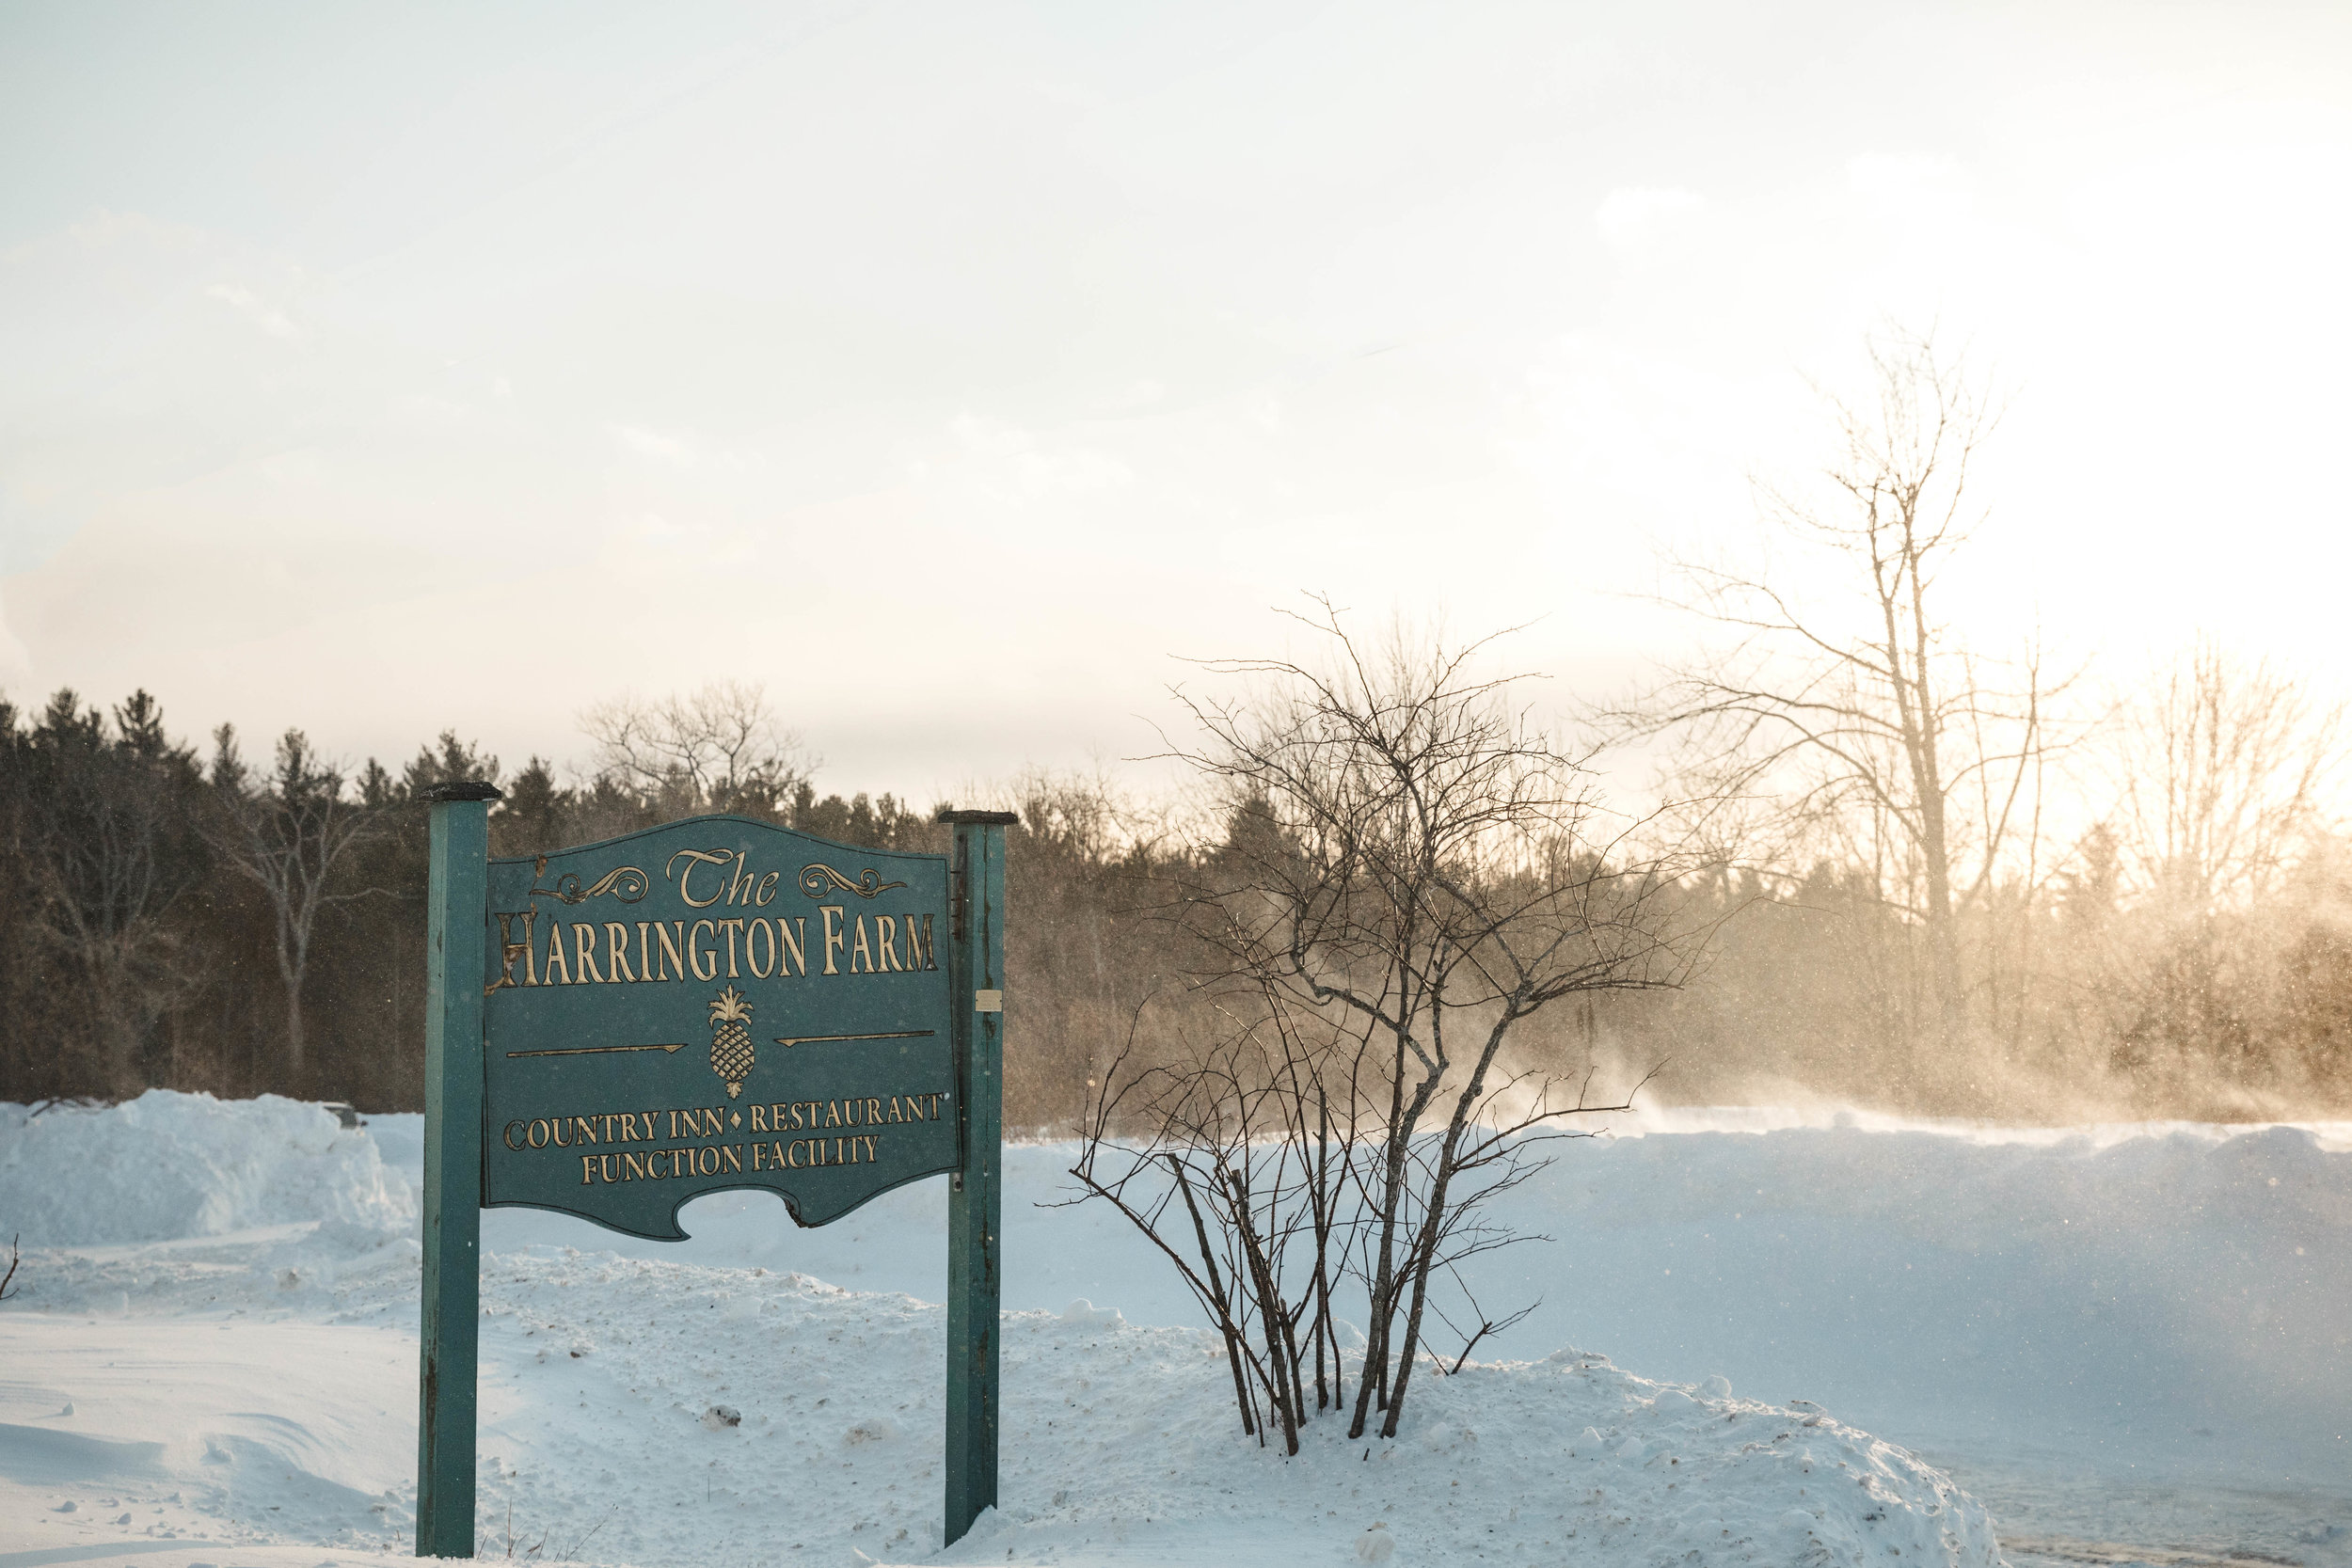 Harrington Farm sign in snow